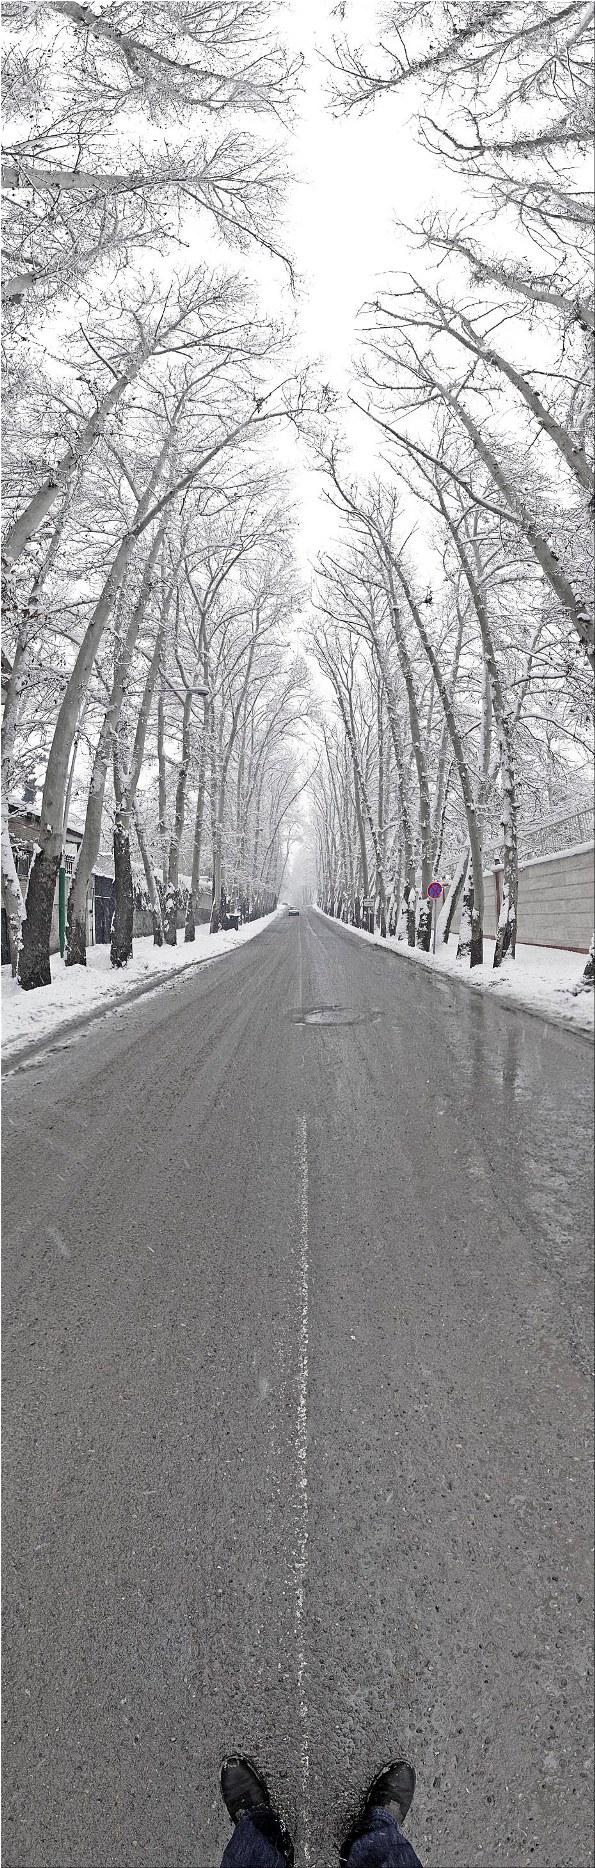 snow street long